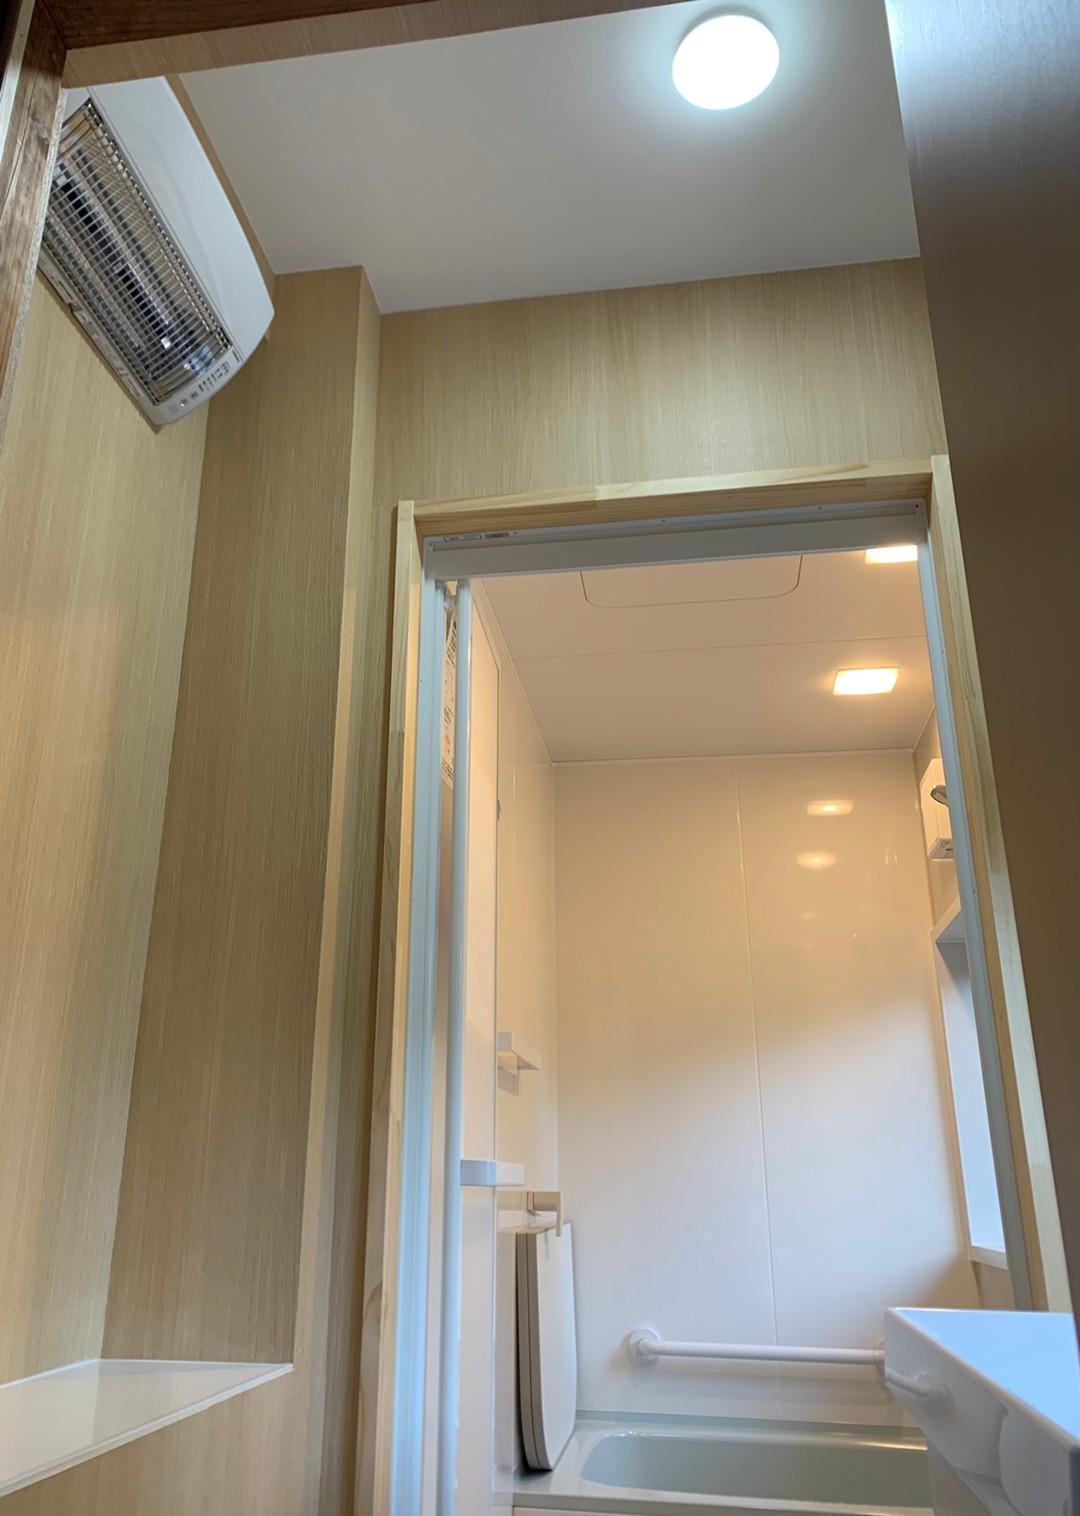 脱衣室温度のバリアフリー化のため、場所を取らない壁掛け冷暖房機を設置